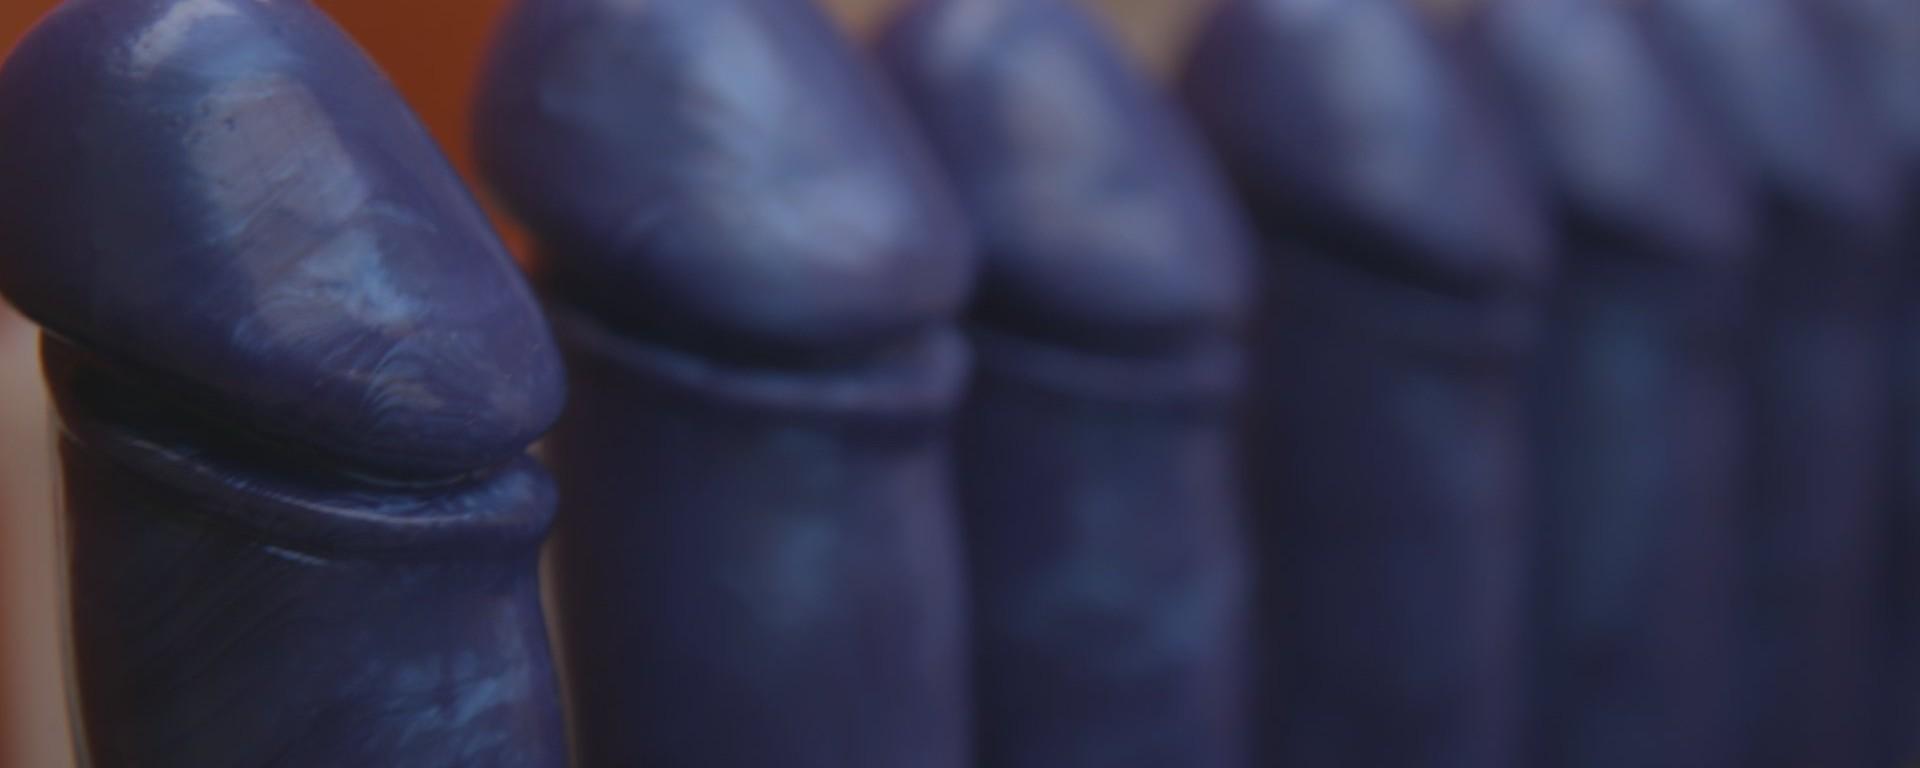 ce să faci atunci când penisul se distrează exercițiu fizic pentru erecție și potență